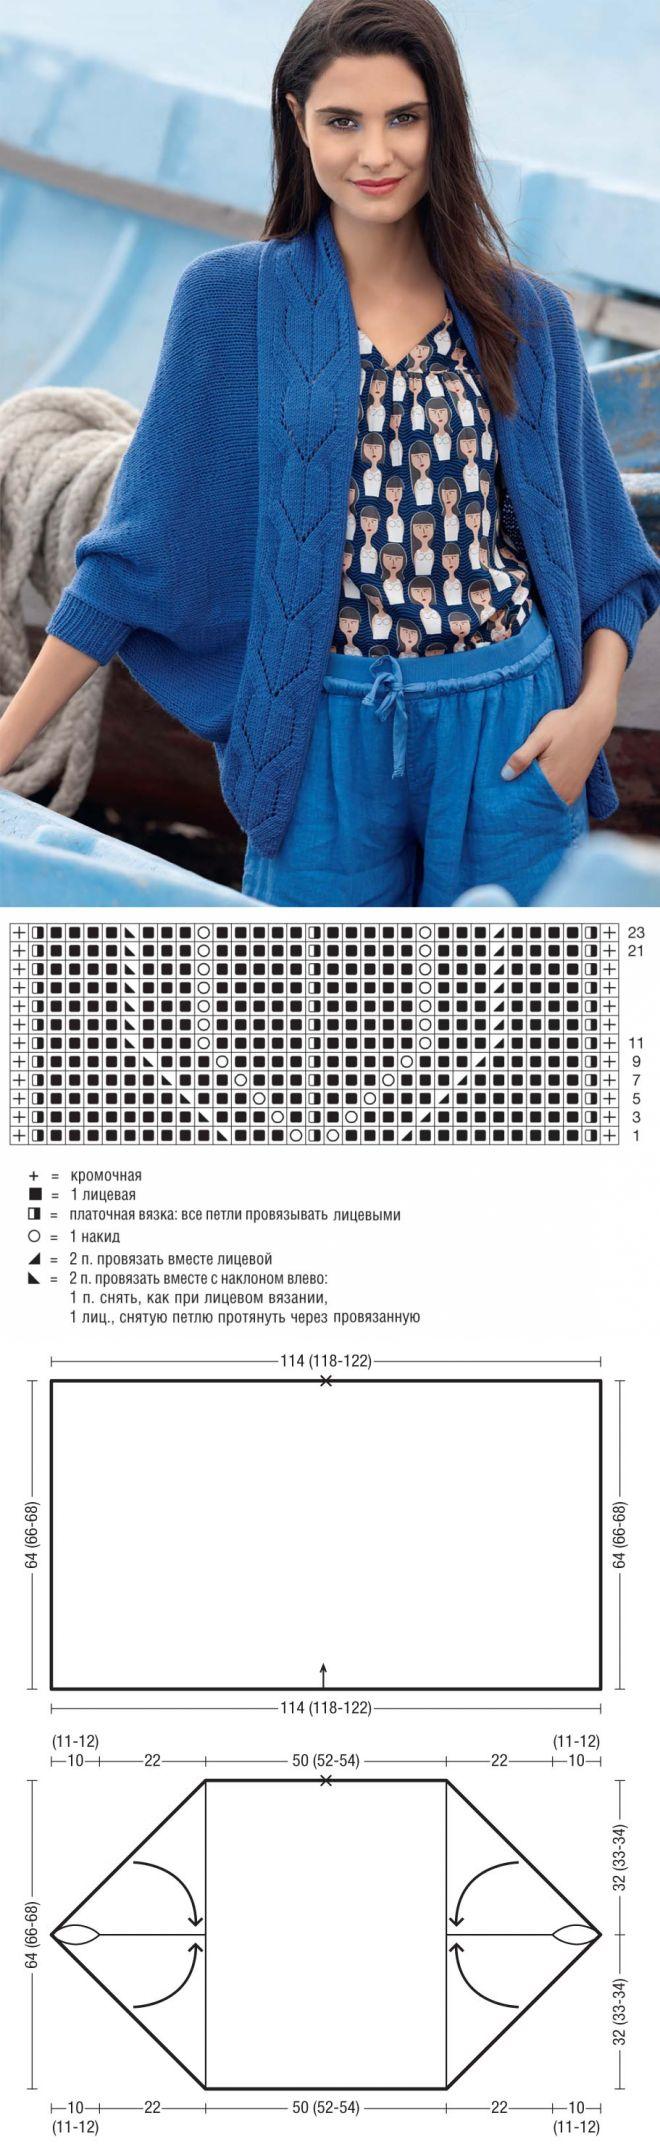 Кардиган с ажурным воротником - схема вязания спицами. Вяжем Кардиганы на Verena.ru